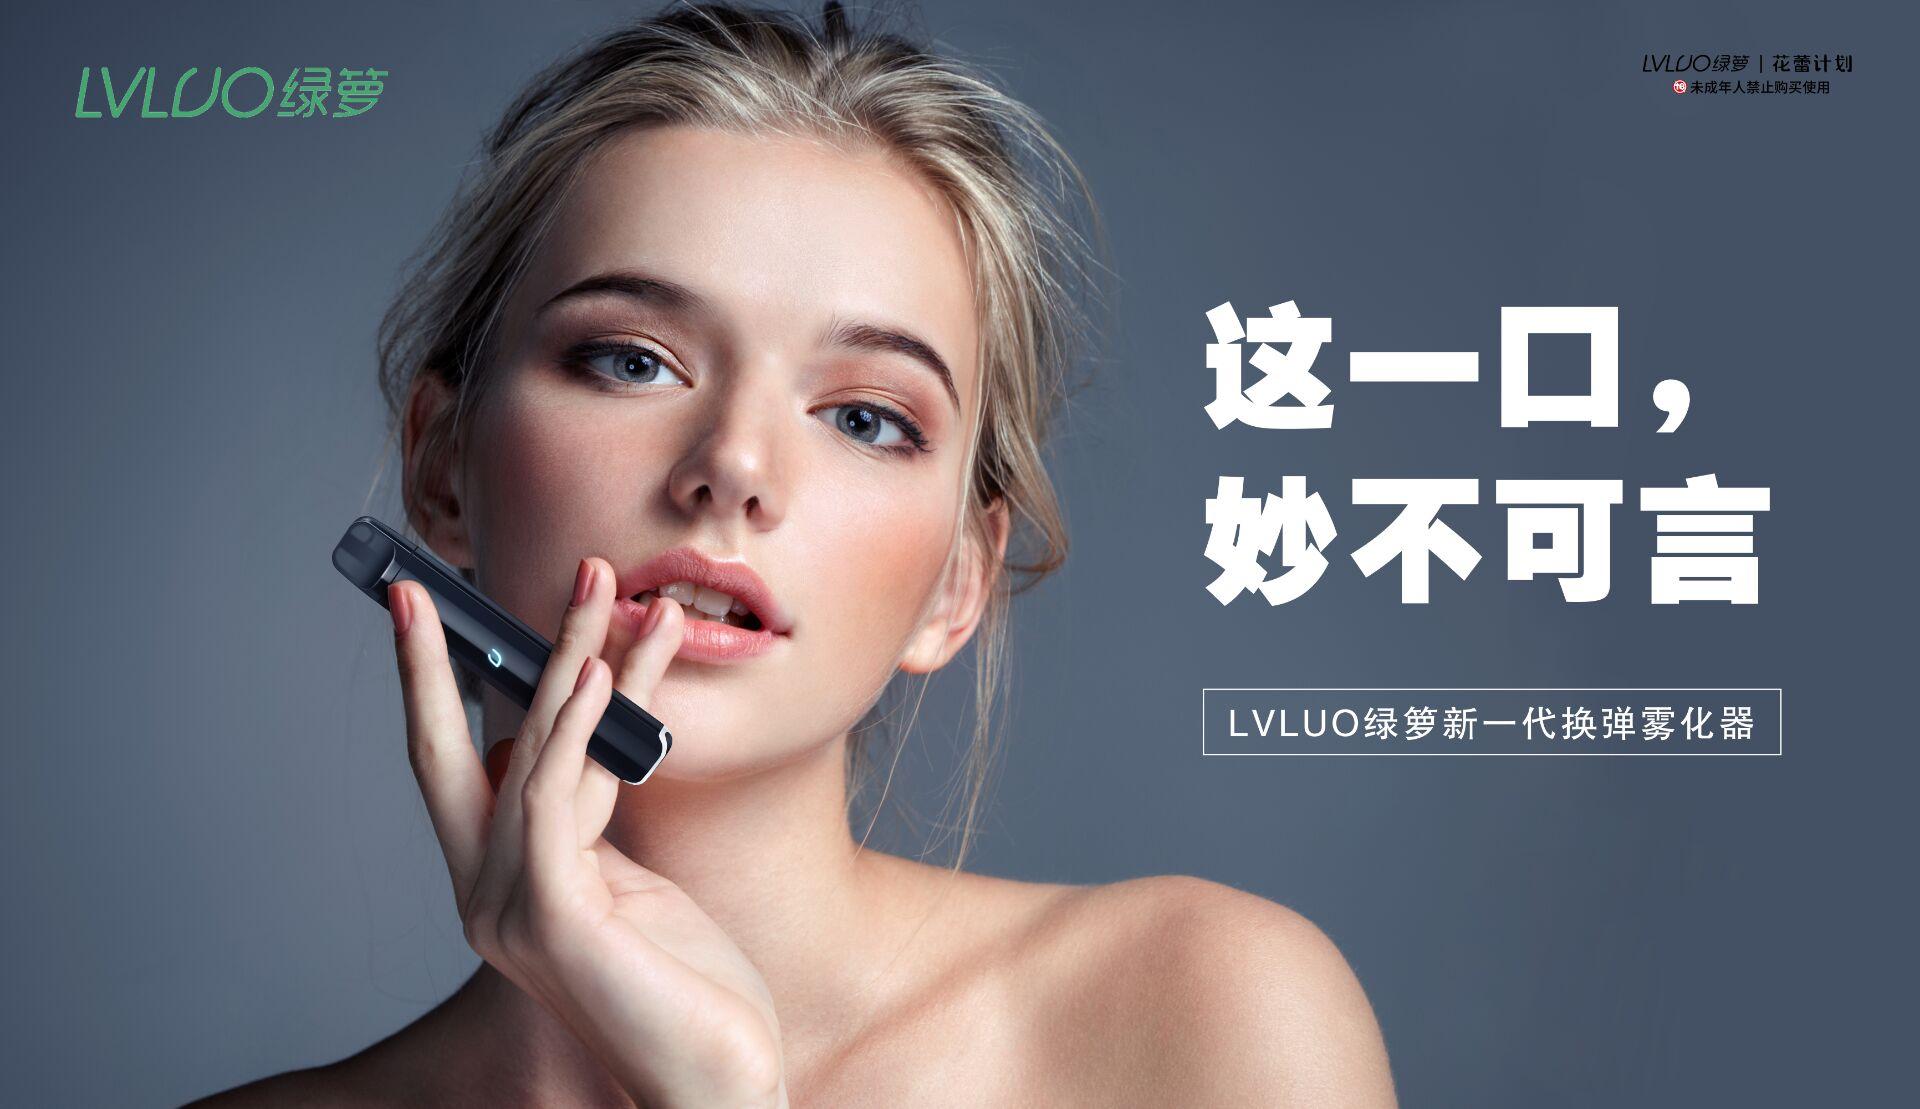 LVLUO绿萝电子烟官网介绍